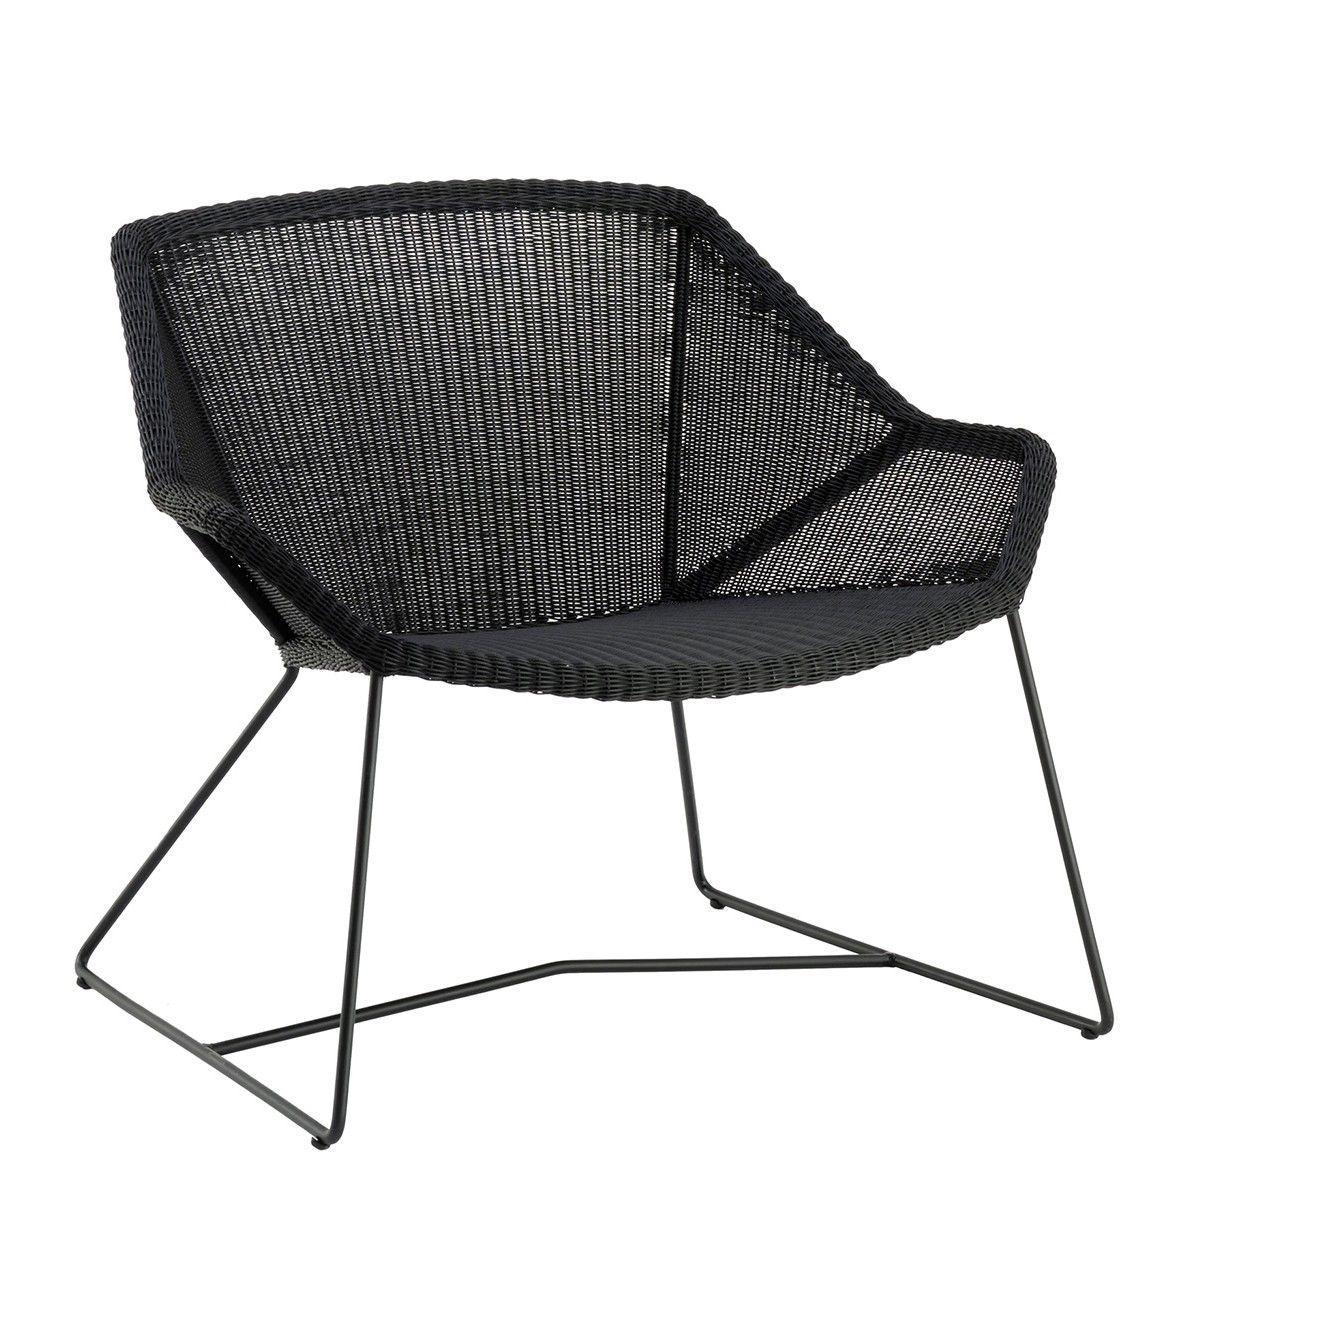 Salon Lounge Breeze Fauteuilclub 03 Bk Bz 4 5468l Chaise